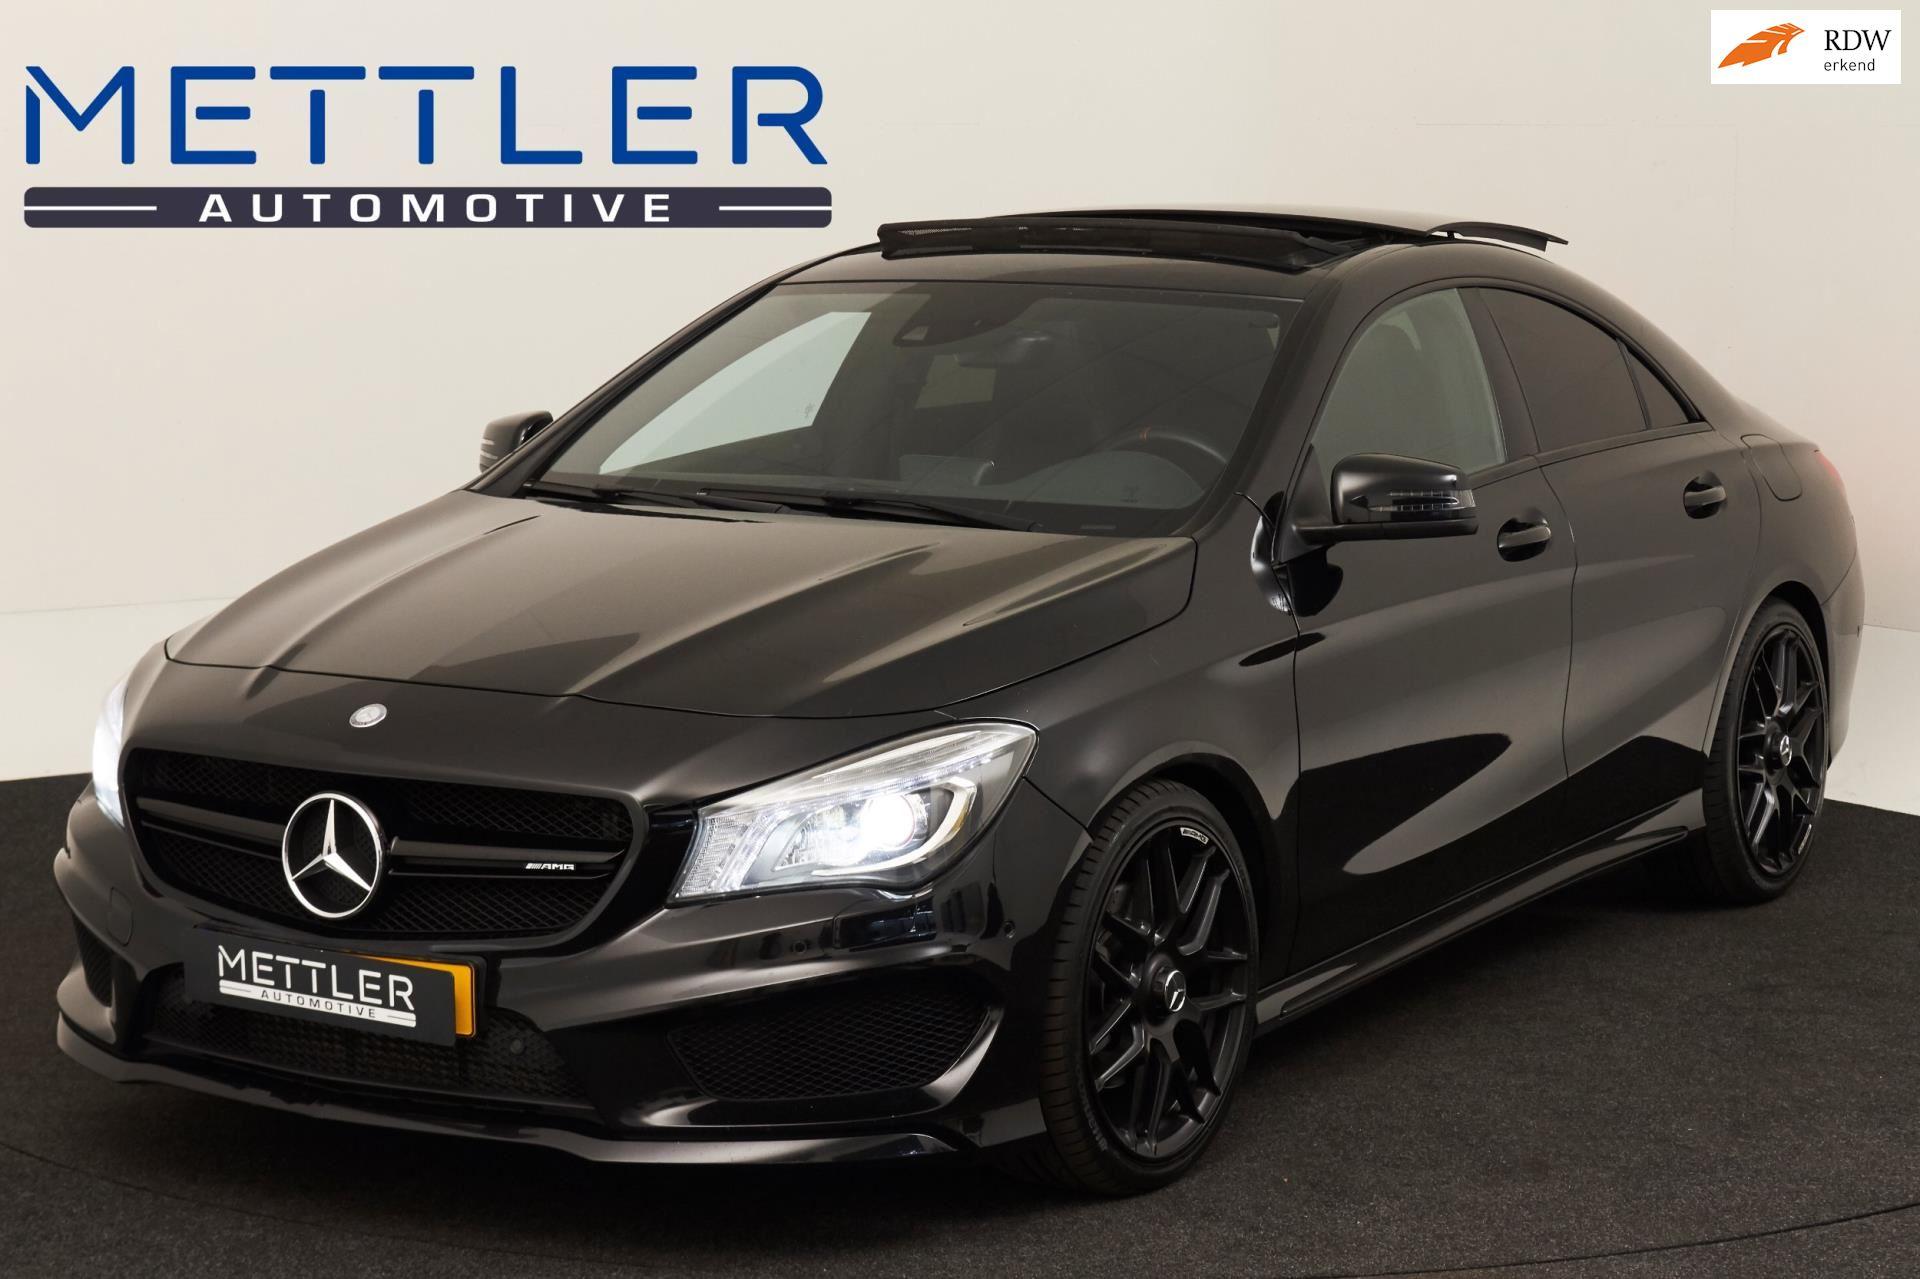 Mercedes-Benz CLA-klasse occasion - Mettler B.V.